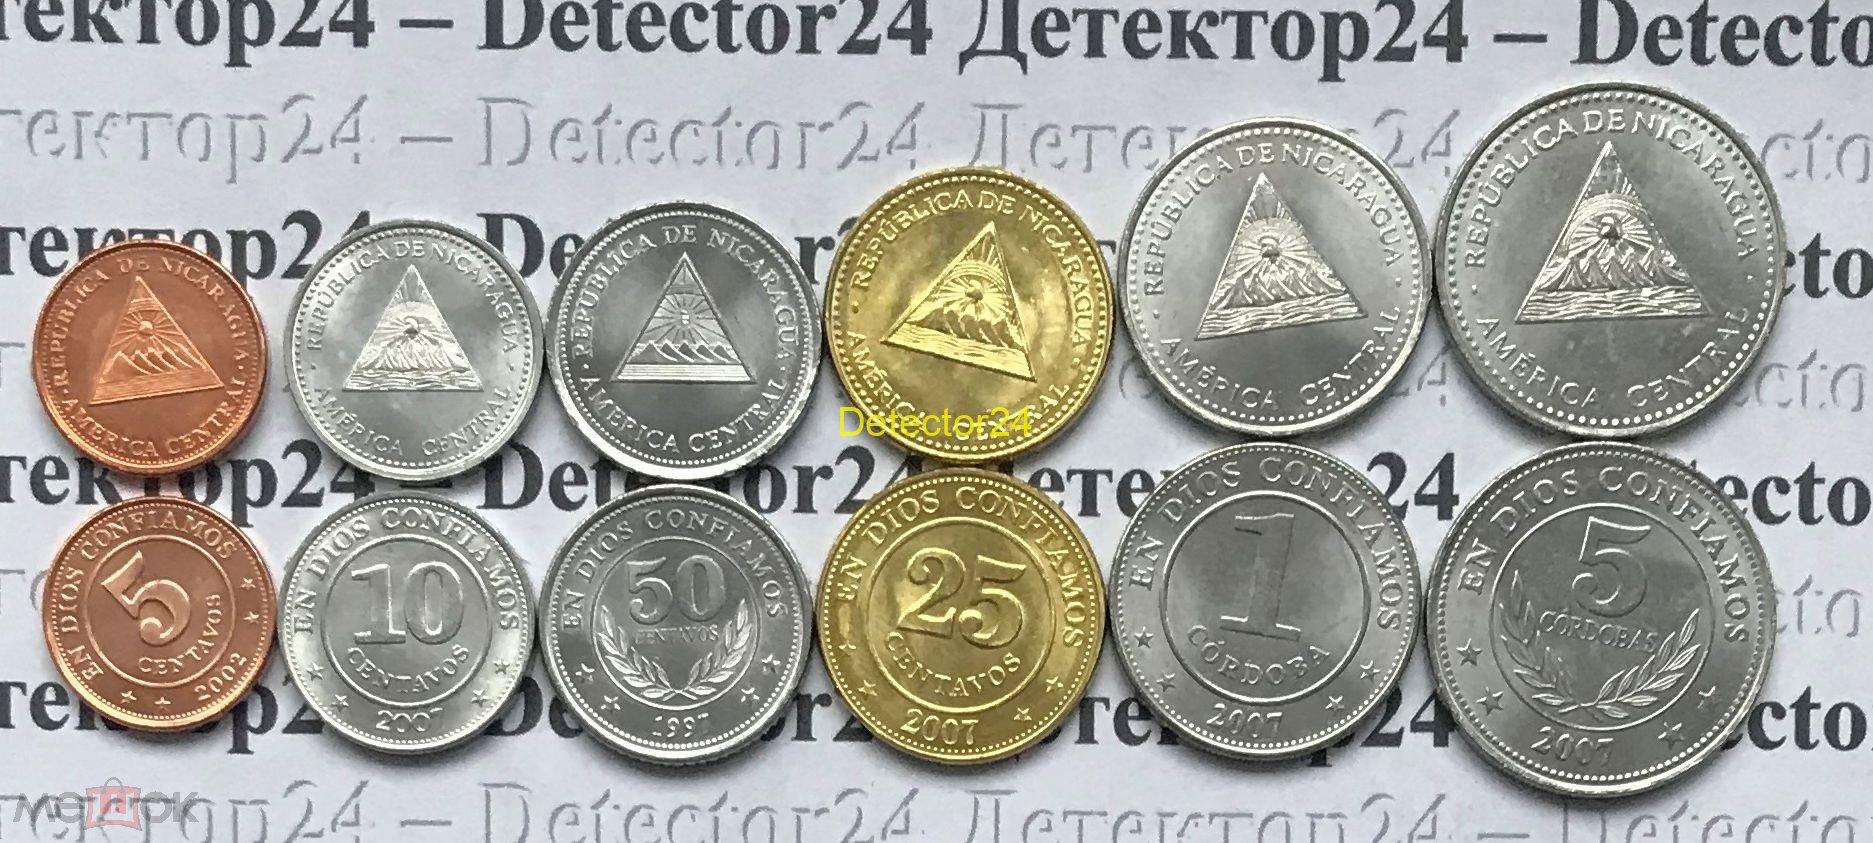 Никарагуа - набор 6 шт 5 + 10 + 25 + 50 сентаво + 1 + 5 кордоба 1997 - 2012 год UNC есть опт